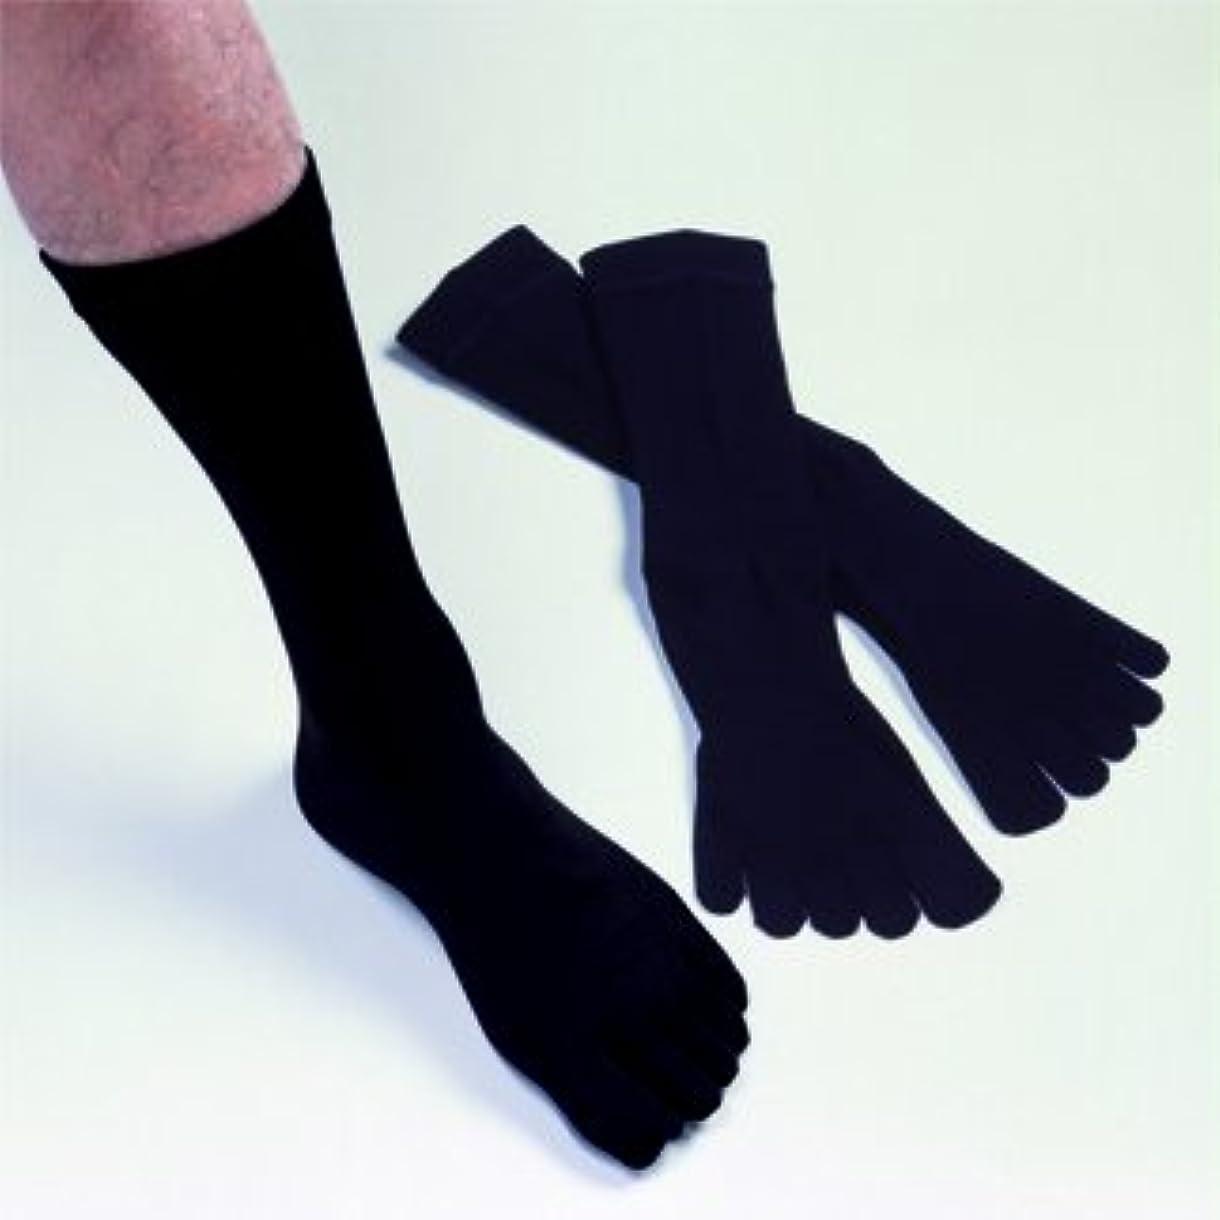 フォーマル散る準備ができてトルマリン 安心環 紳士用5本指ソックス (黒)